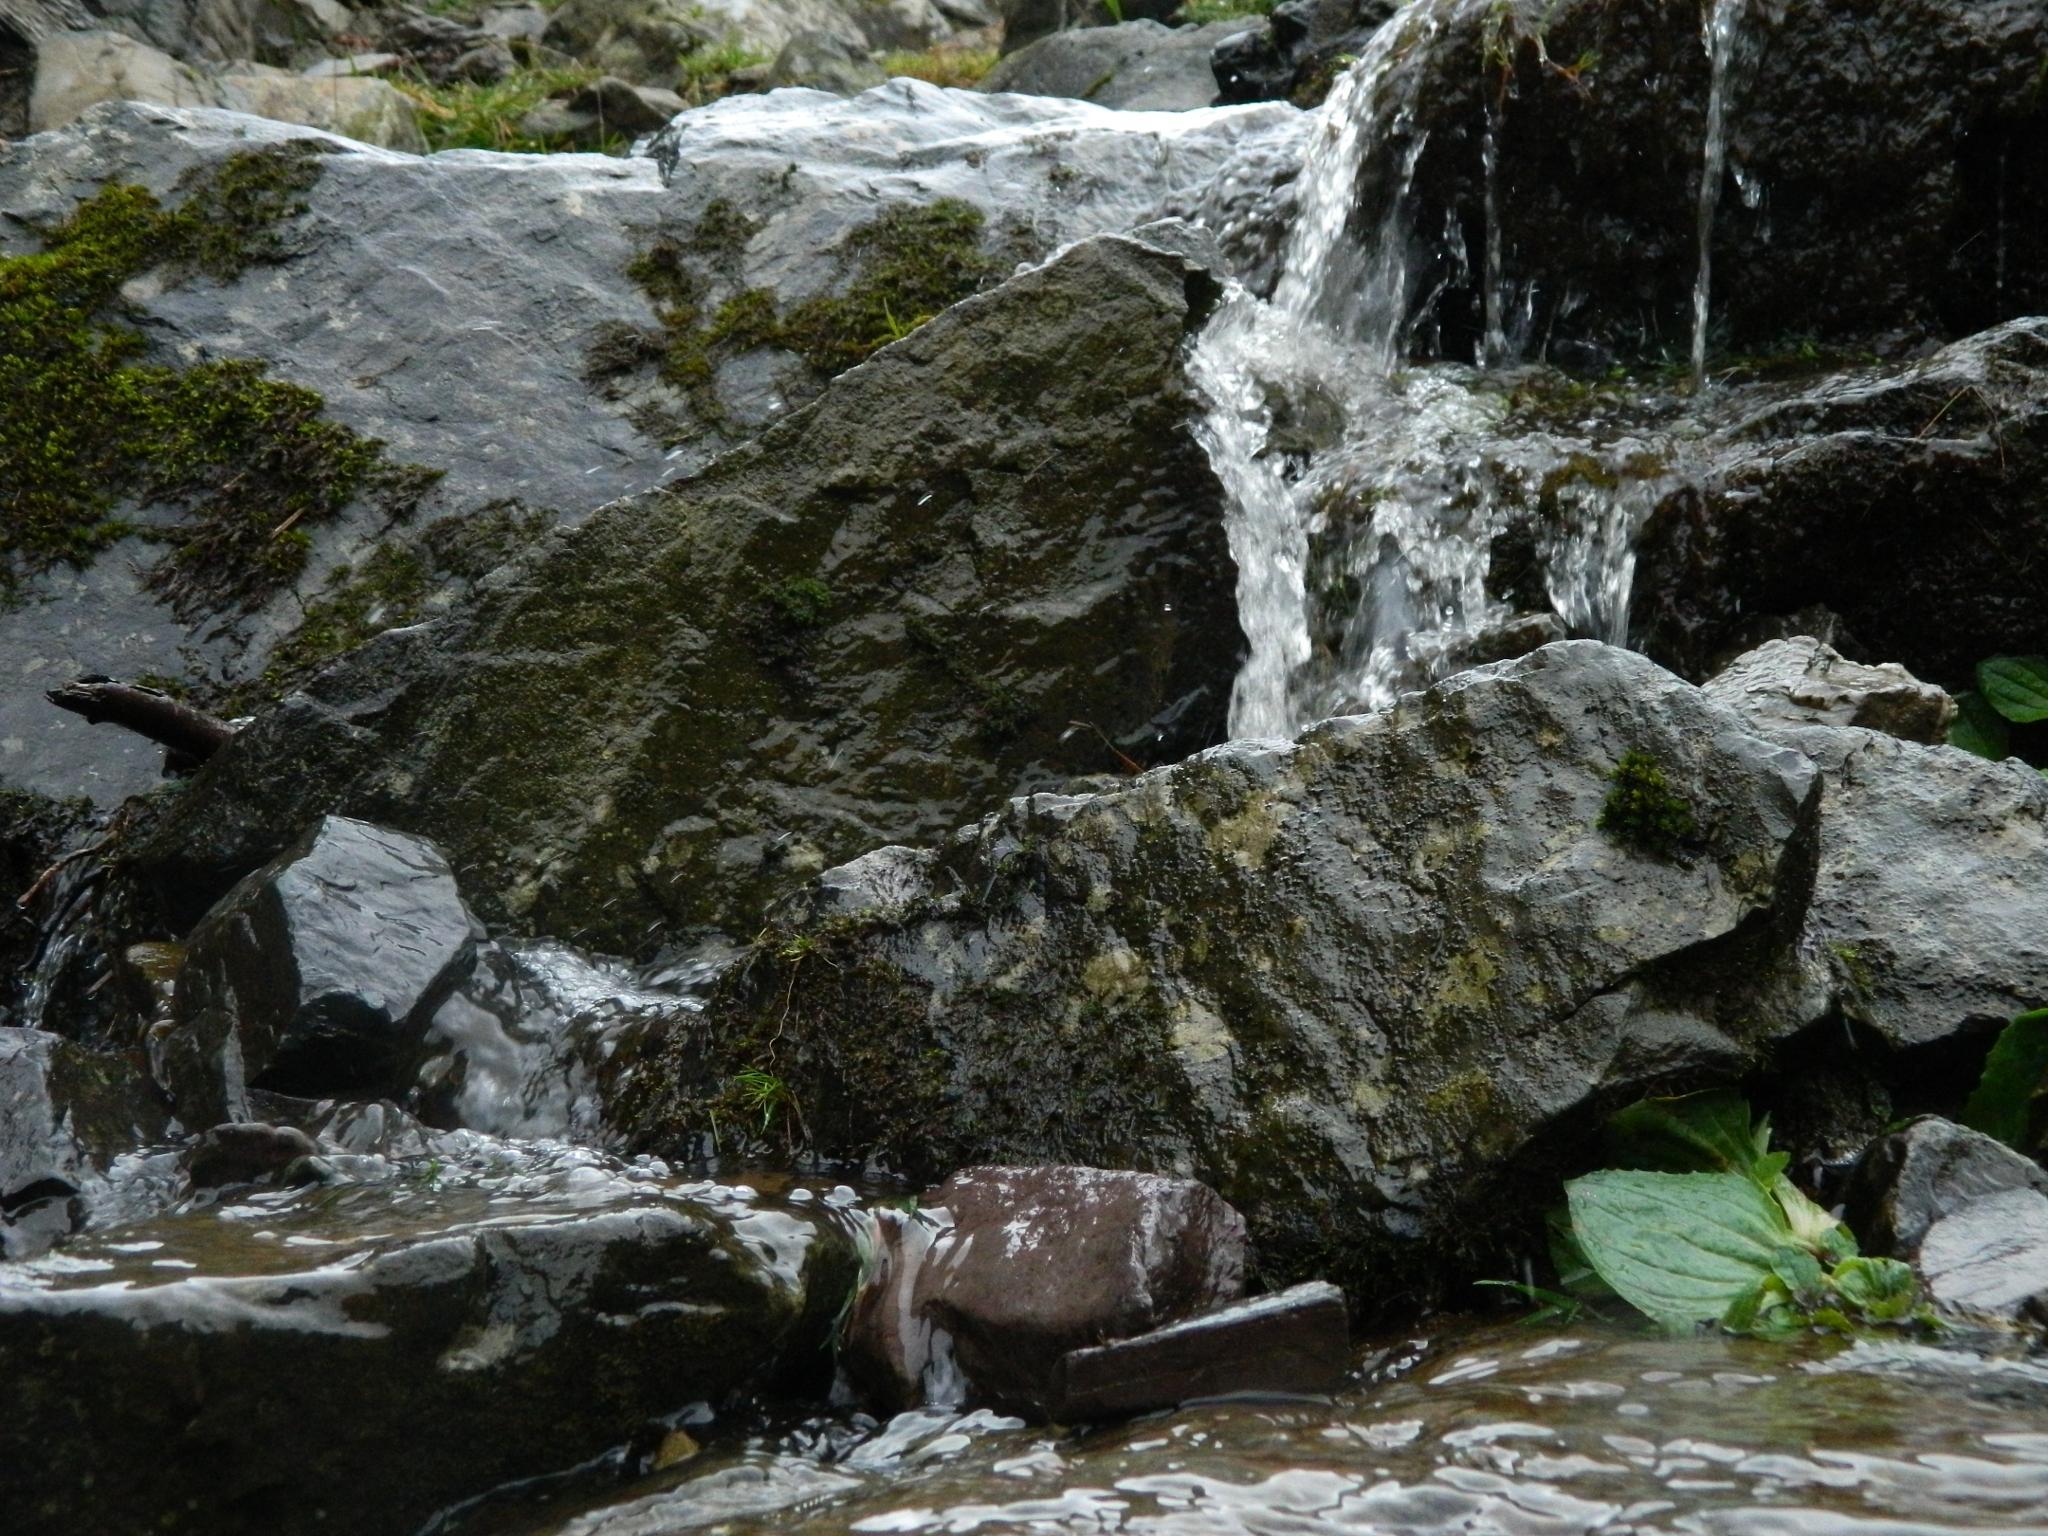 mossy falls by seanwilliams017